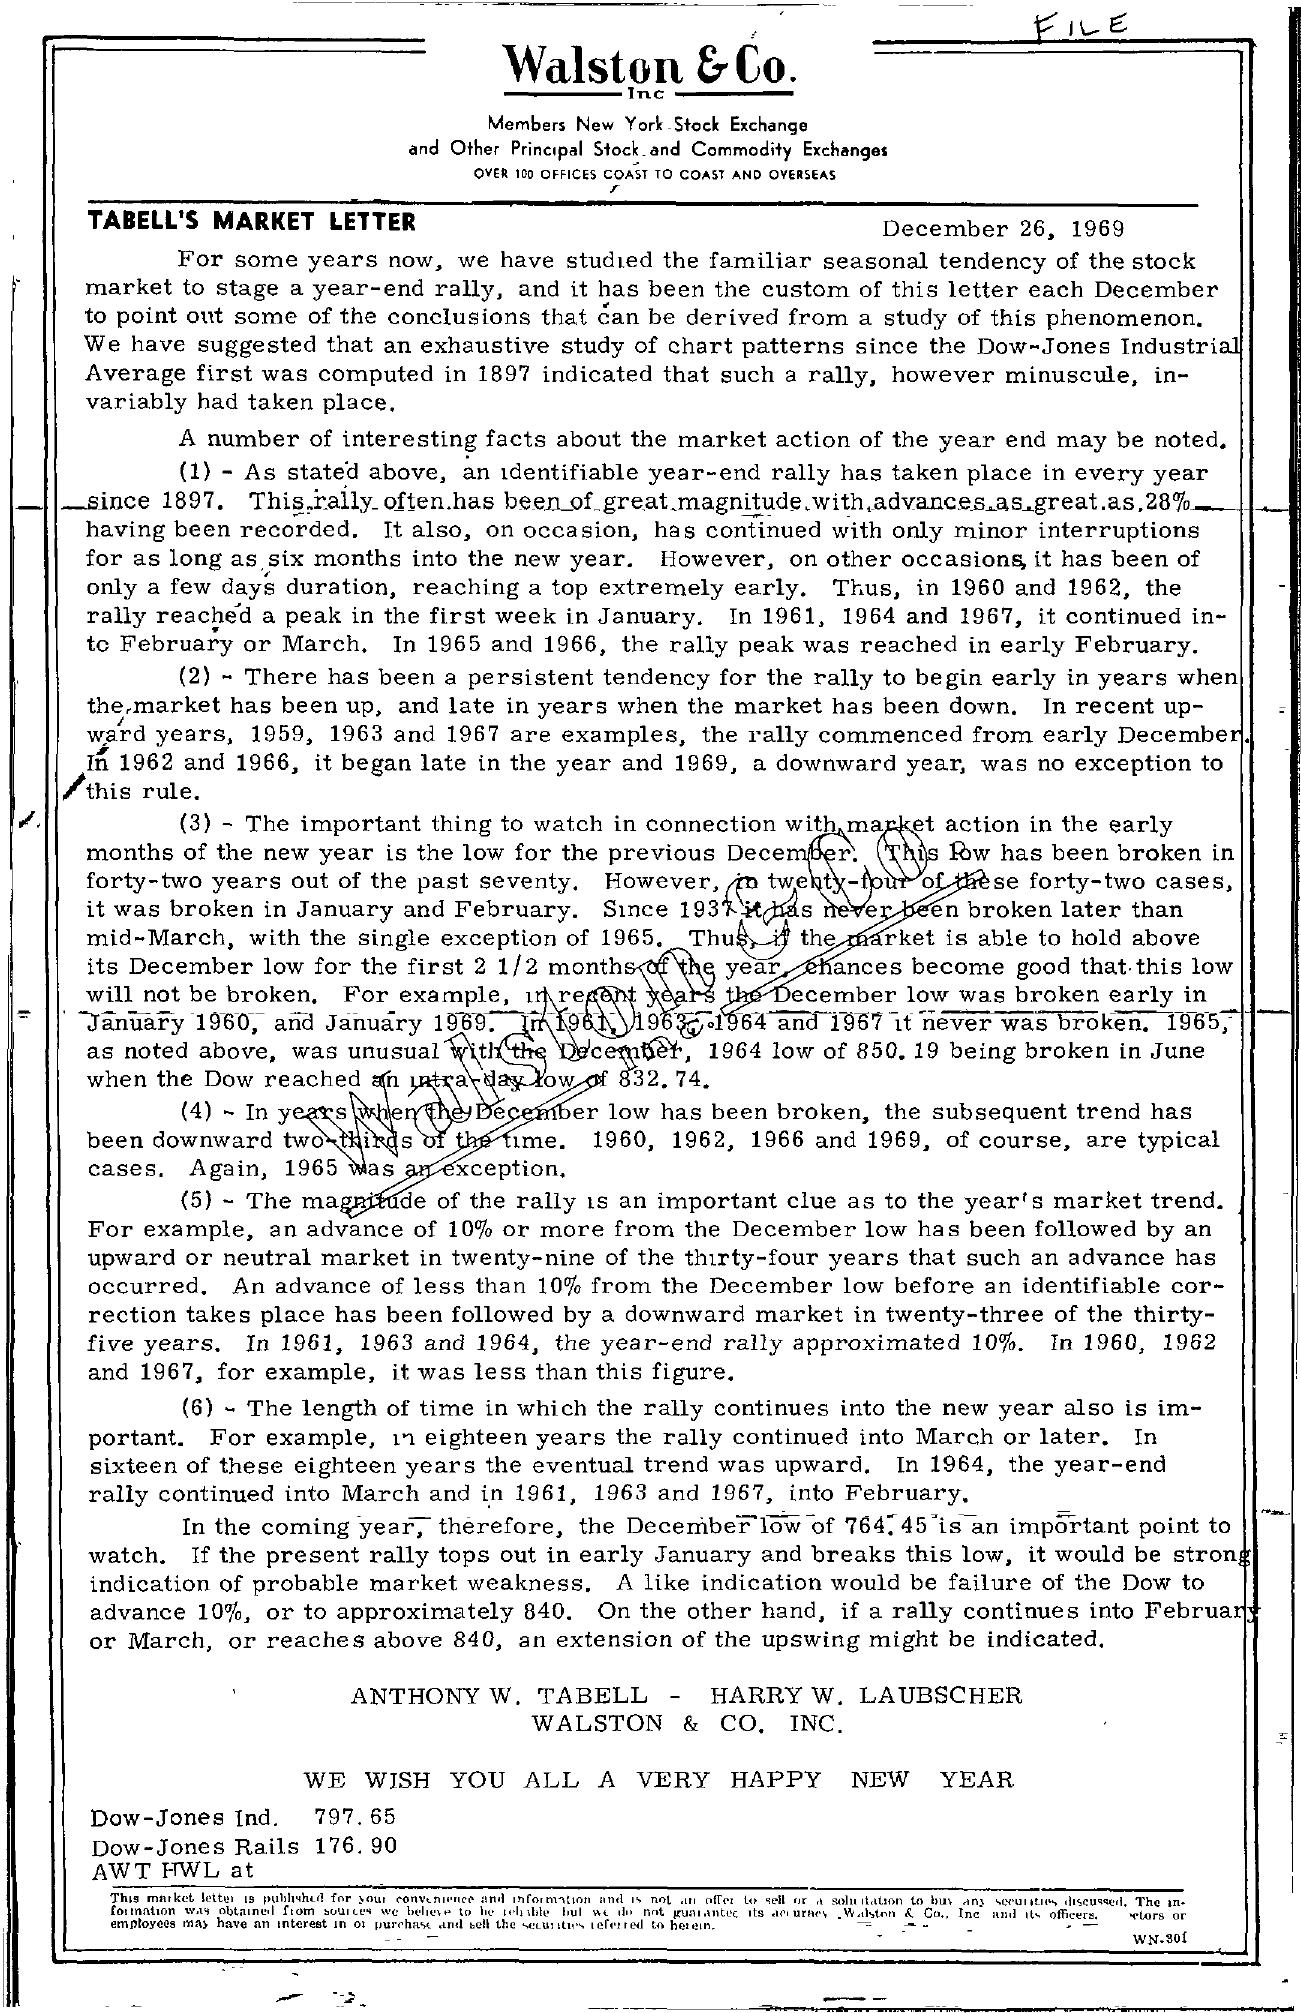 Tabell's Market Letter - December 26, 1969